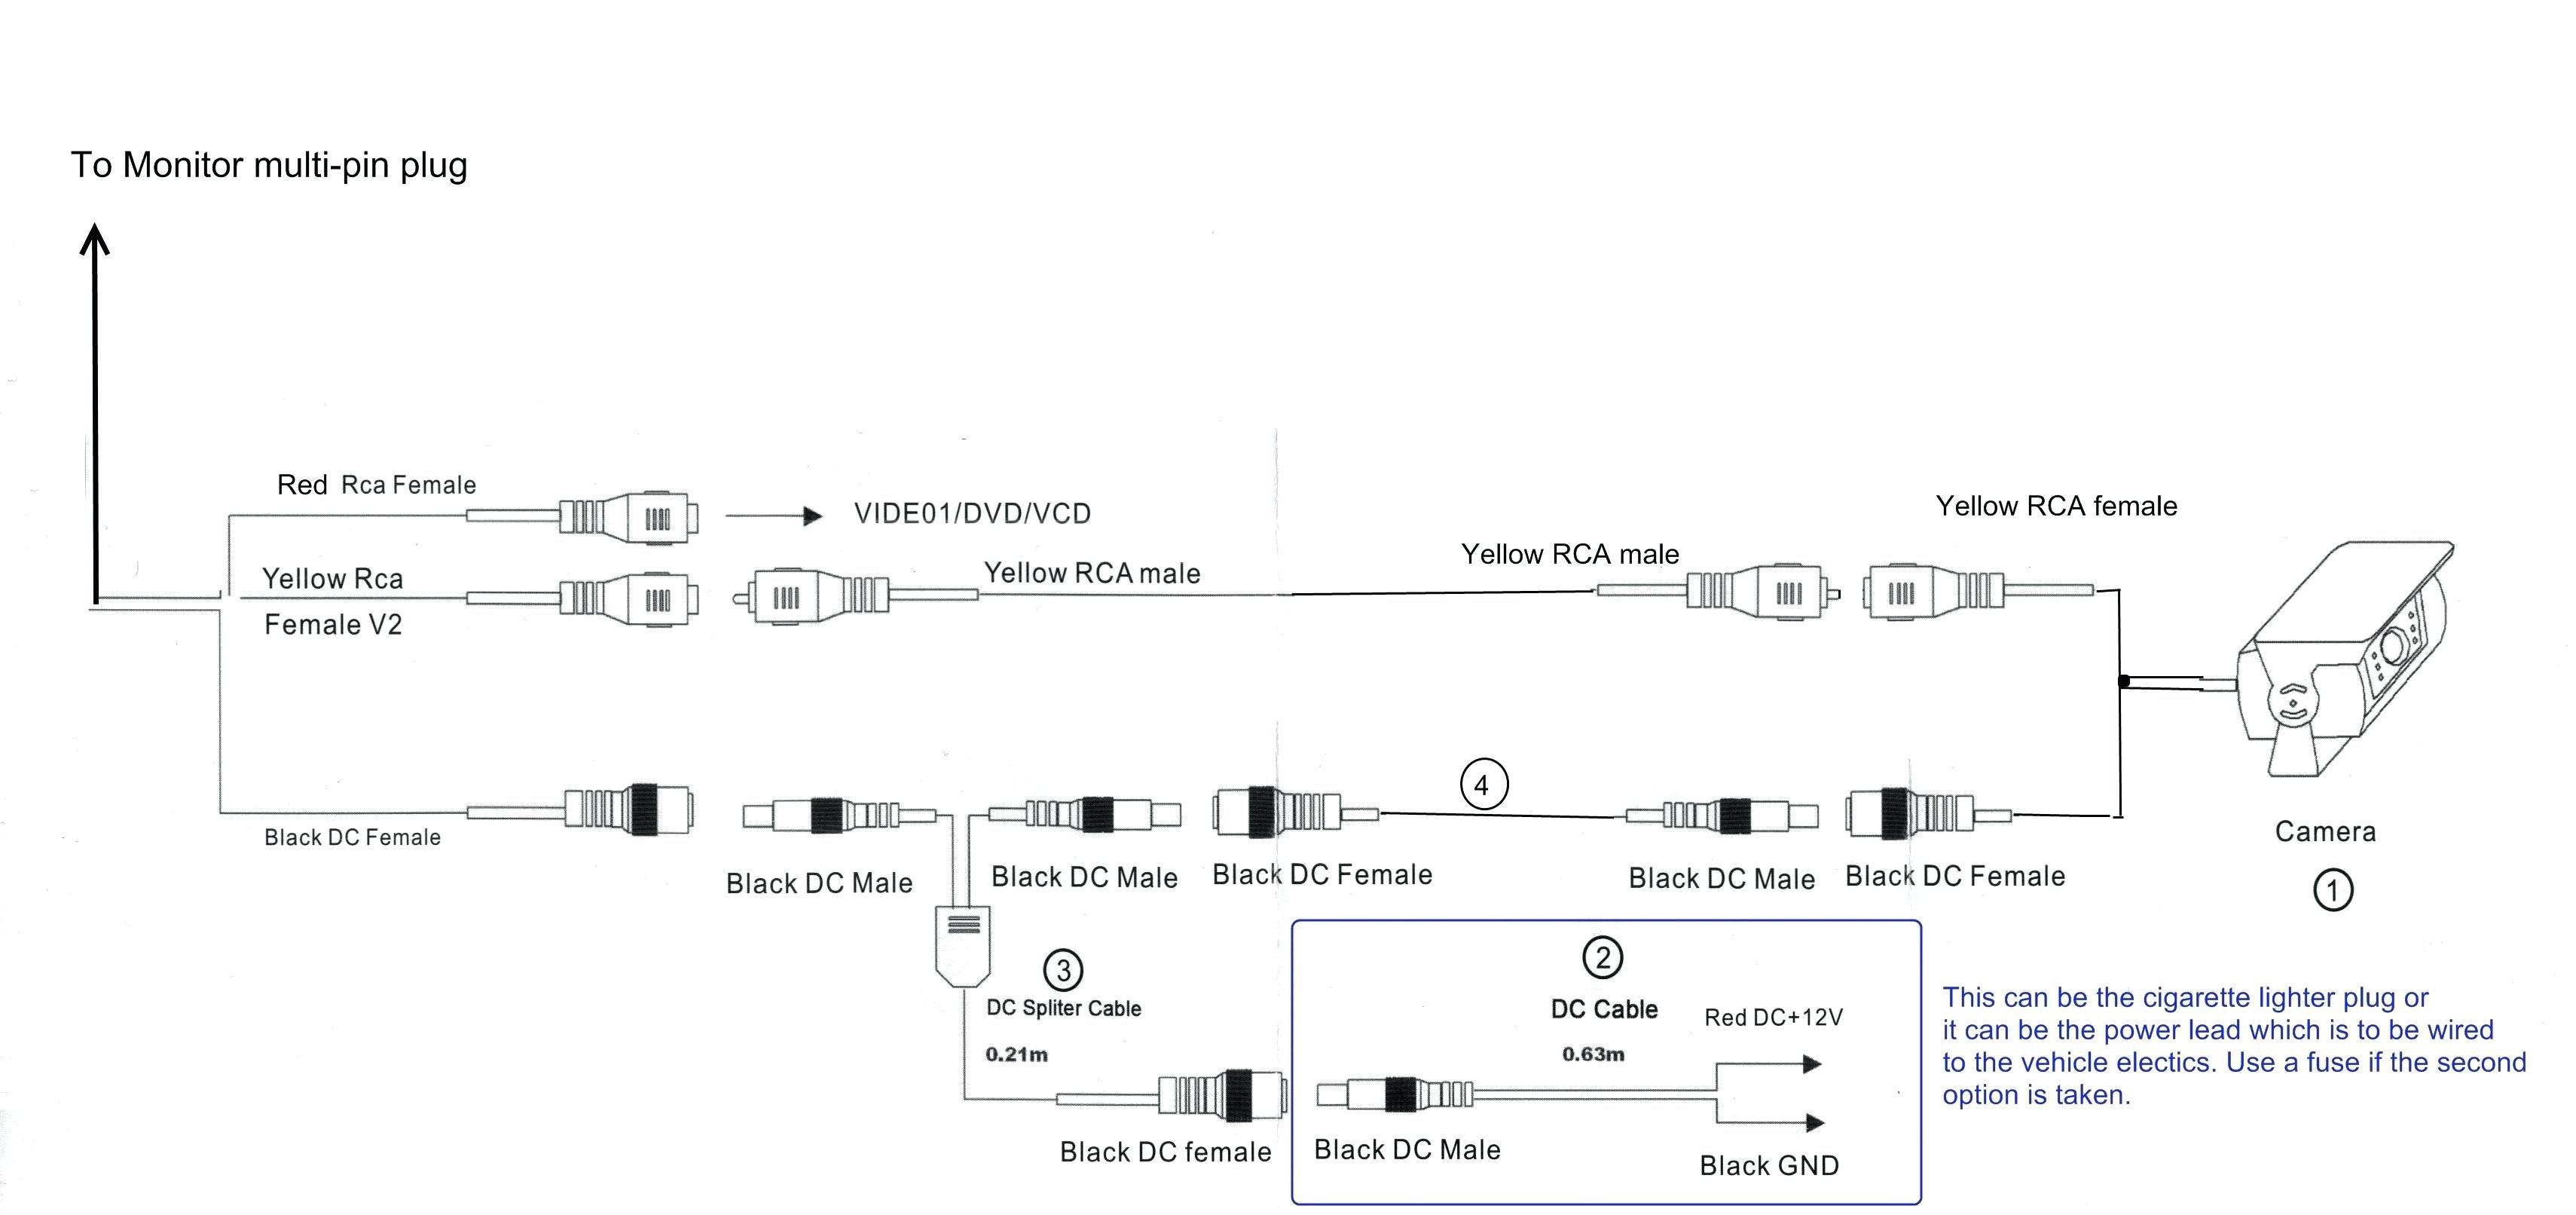 Voyager Camera Wiring Diagram   Wiring Diagram on weldex wdrv 3007m, weldex monitor repair, pioneer backup camera wiring diagram, pyle backup camera wiring diagram, sony backup camera wiring diagram,